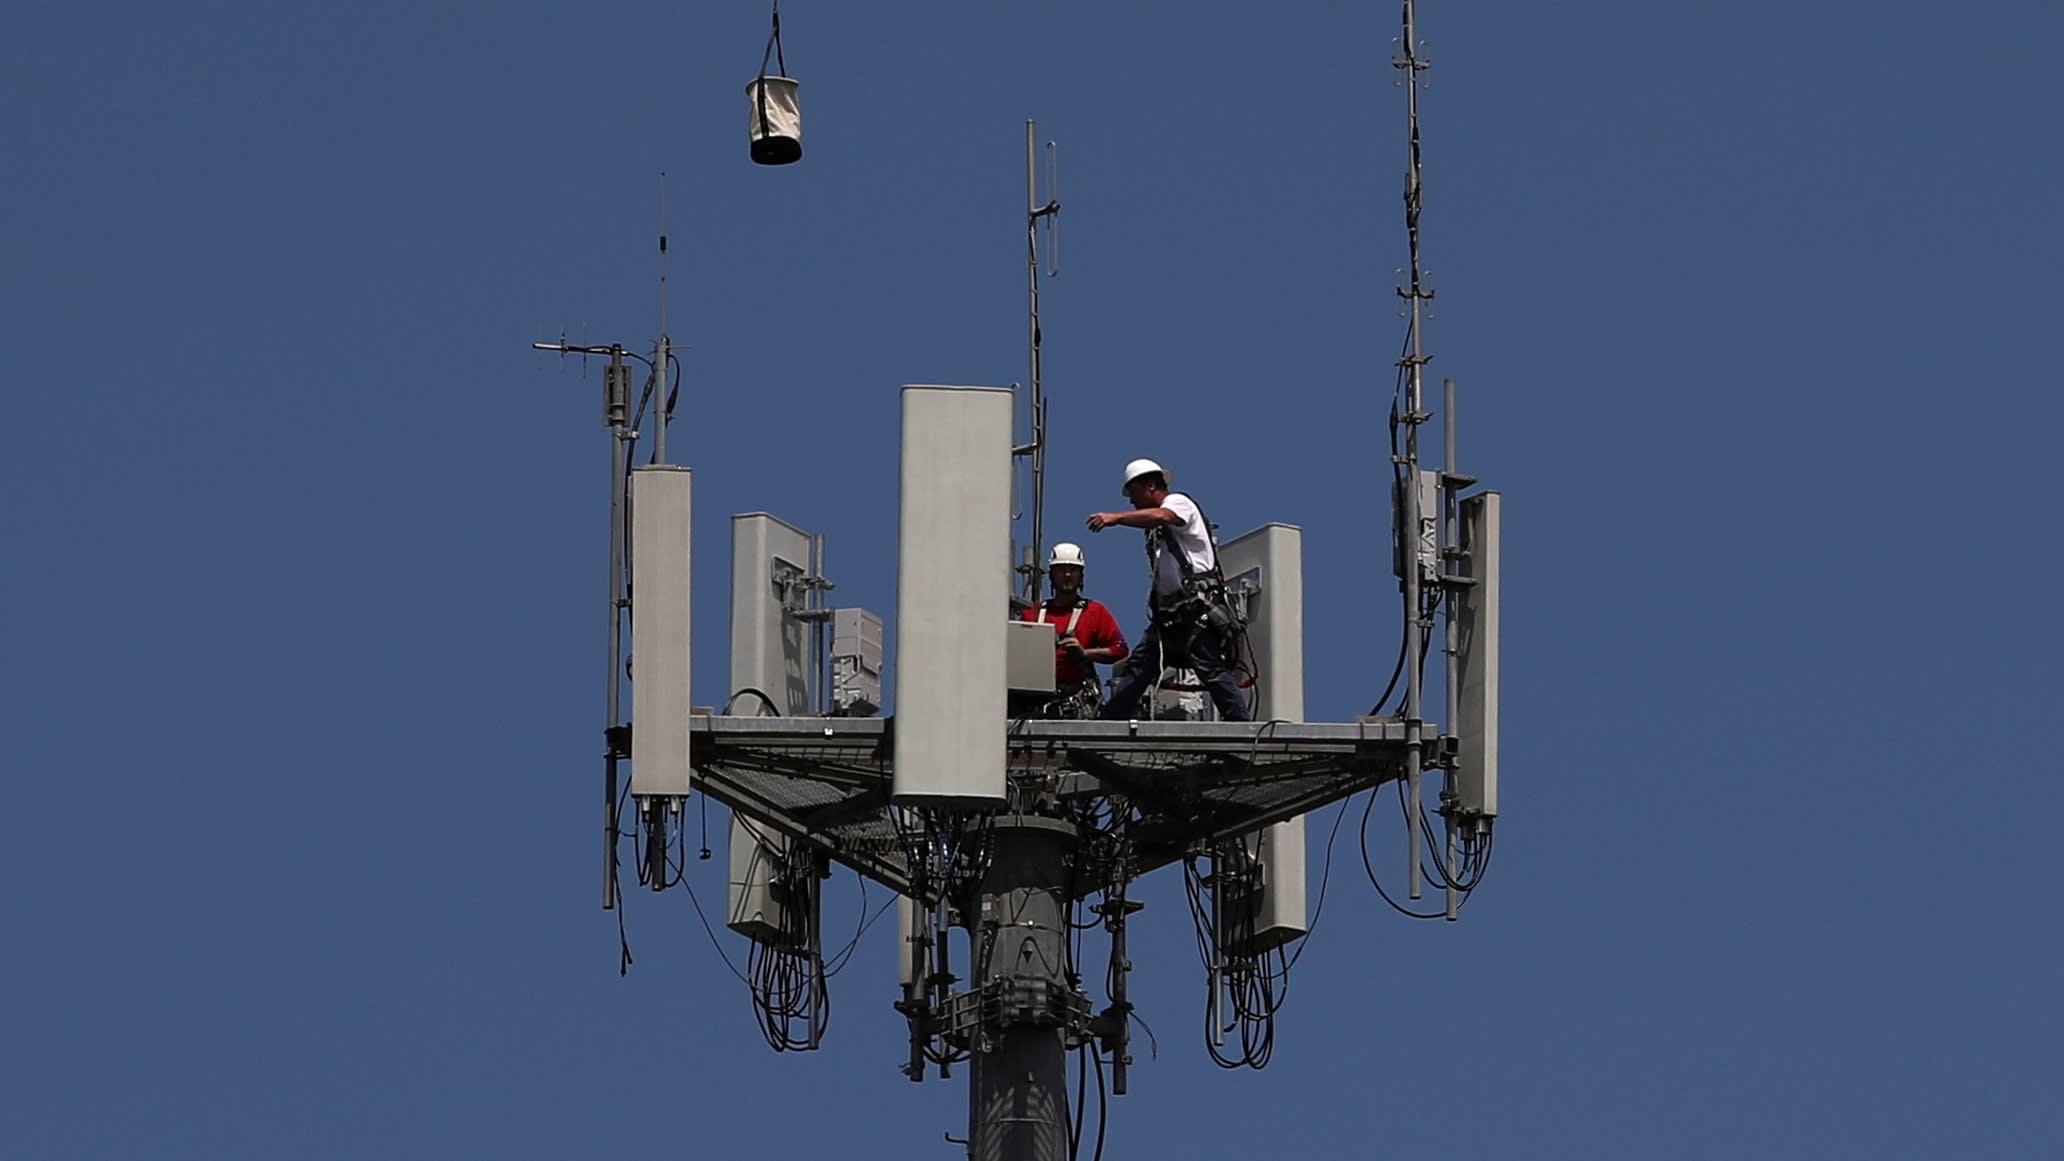 5G chưa hết nóng, Trung Quốc và Hàn Quốc lại đang chạy đua công nghệ 6G tương lai - Ảnh 1.